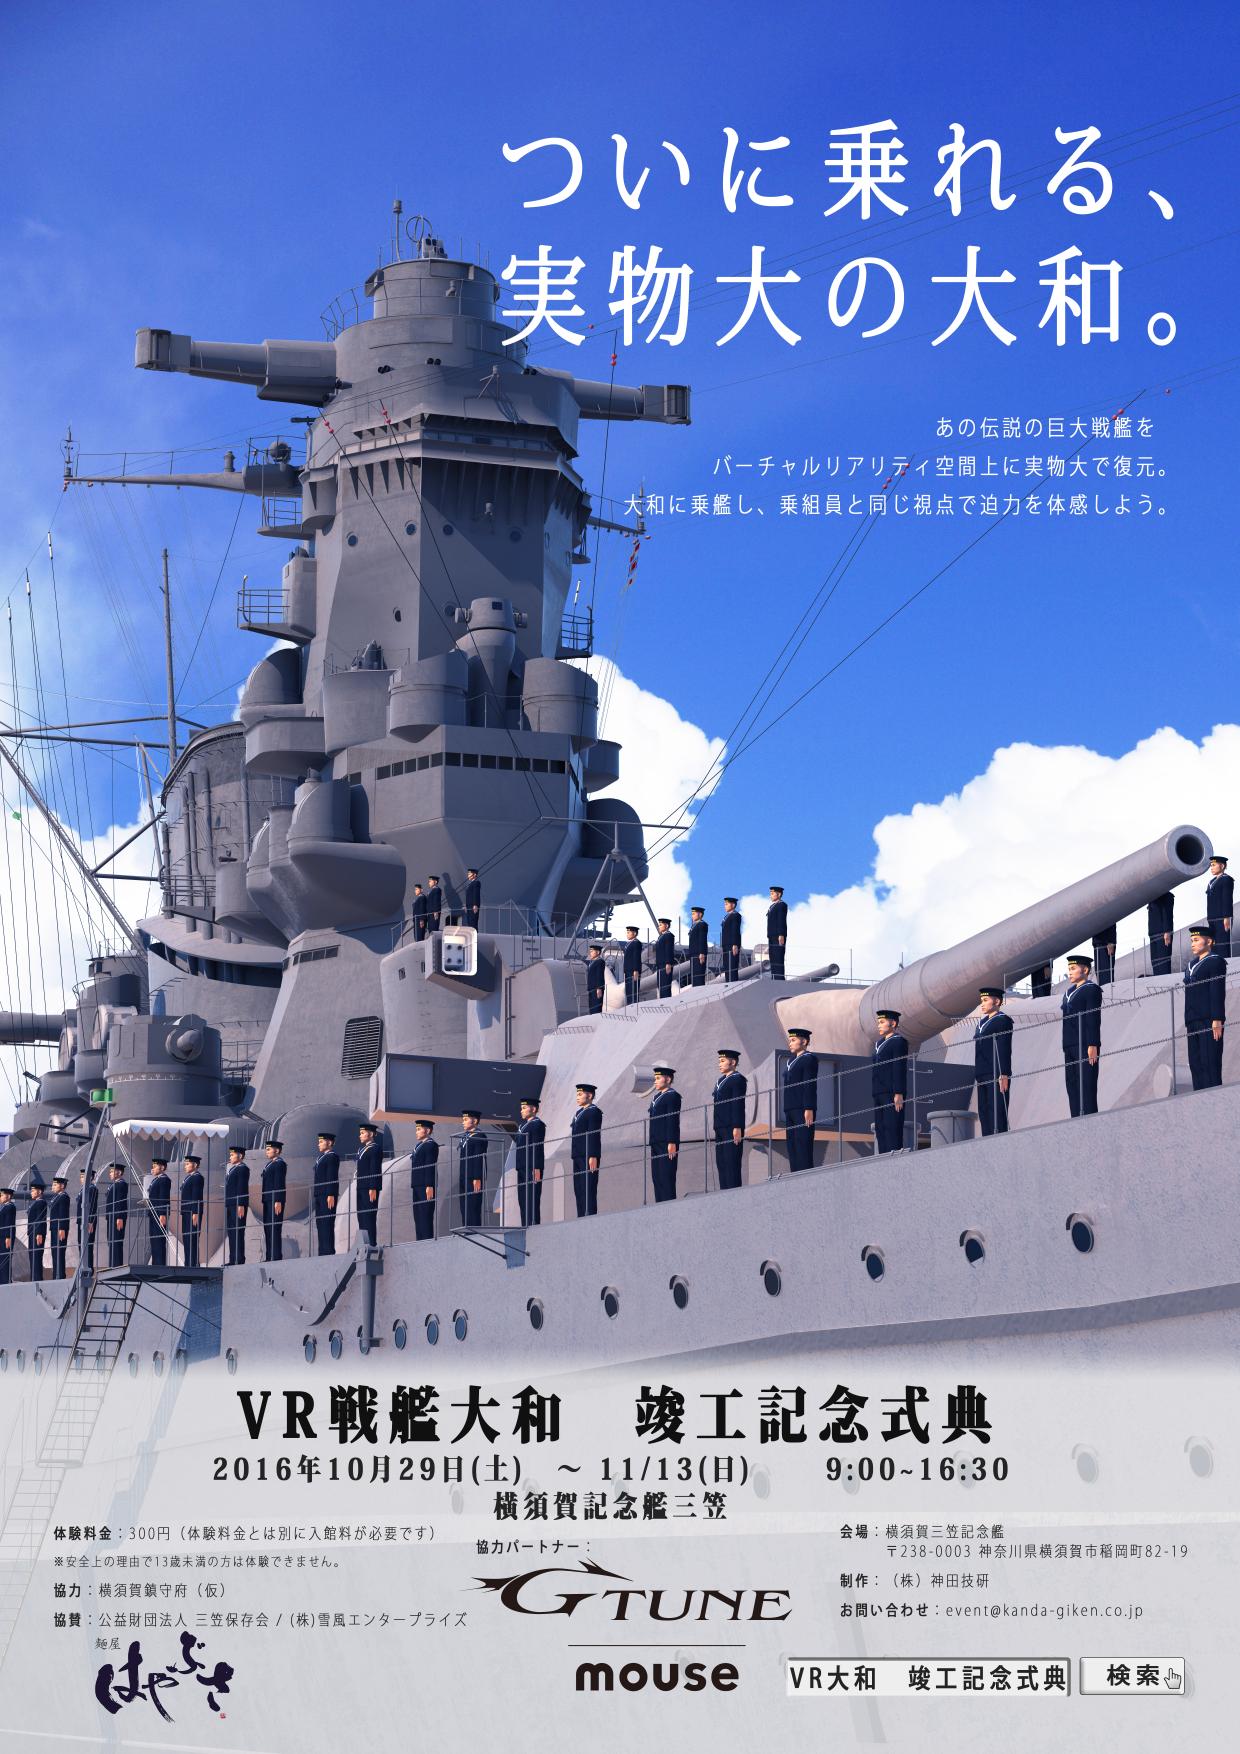 VRで戦艦大和に乗れます VR体験...